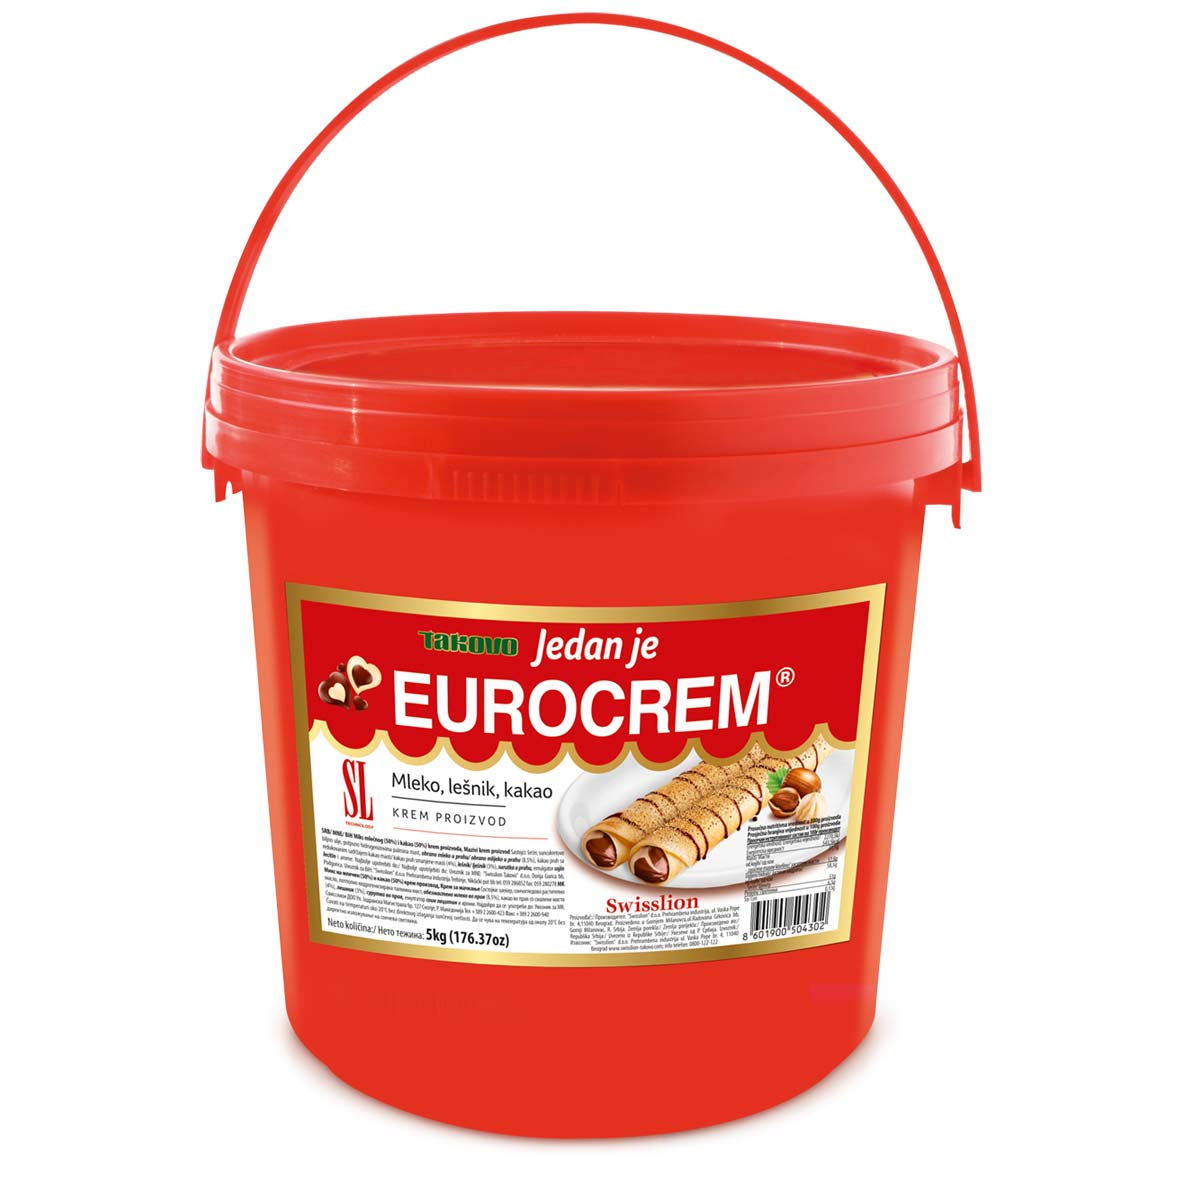 Eurocrtem-5000g